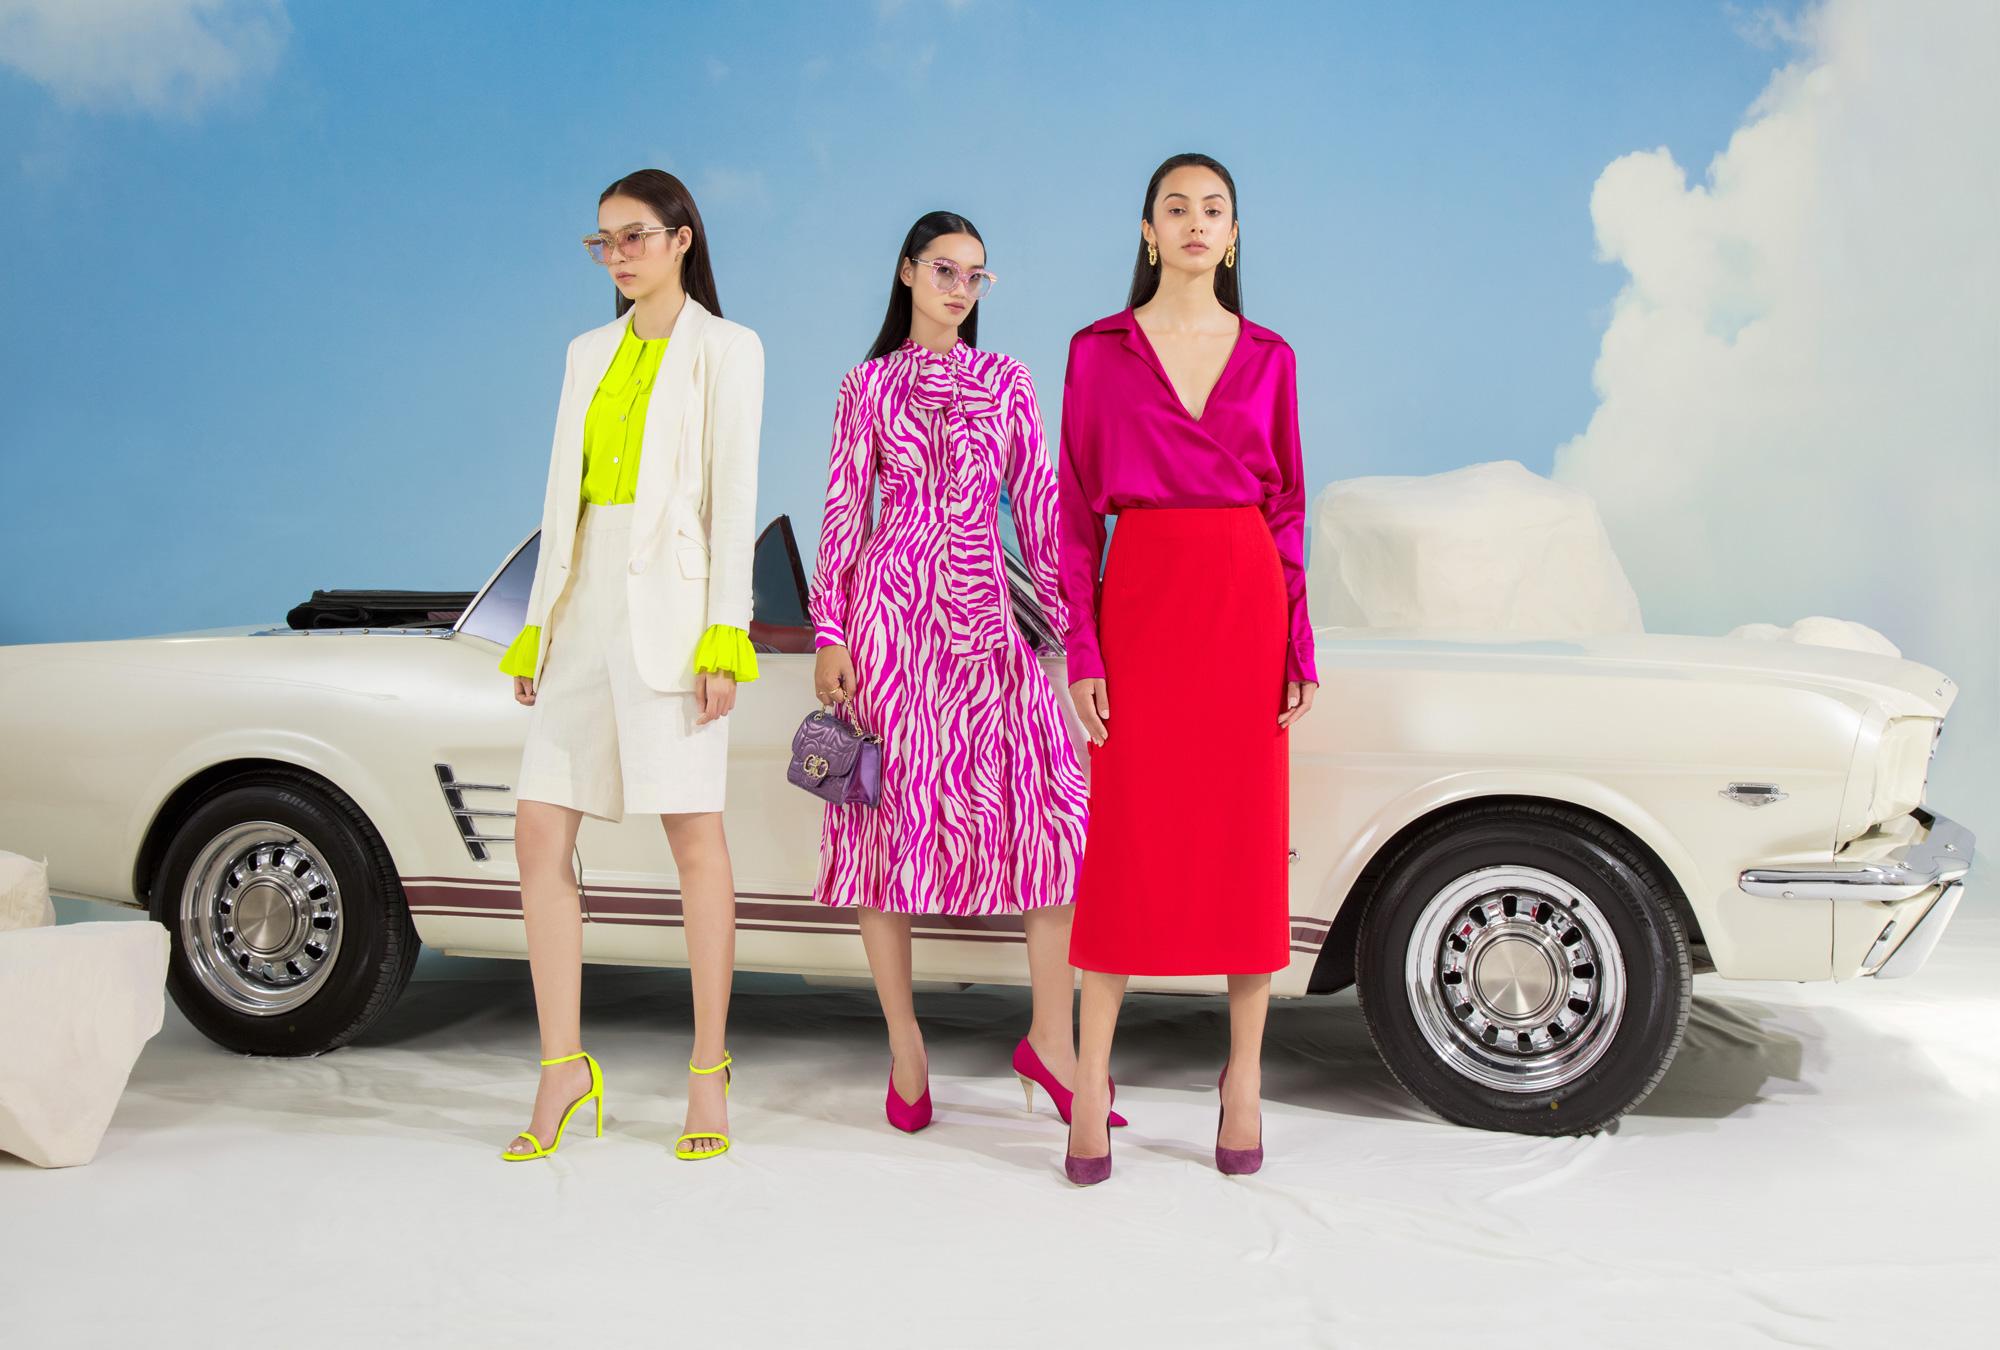 local brand việt nam trang phục nổi bật bst capsule 2020 của ntk công trí